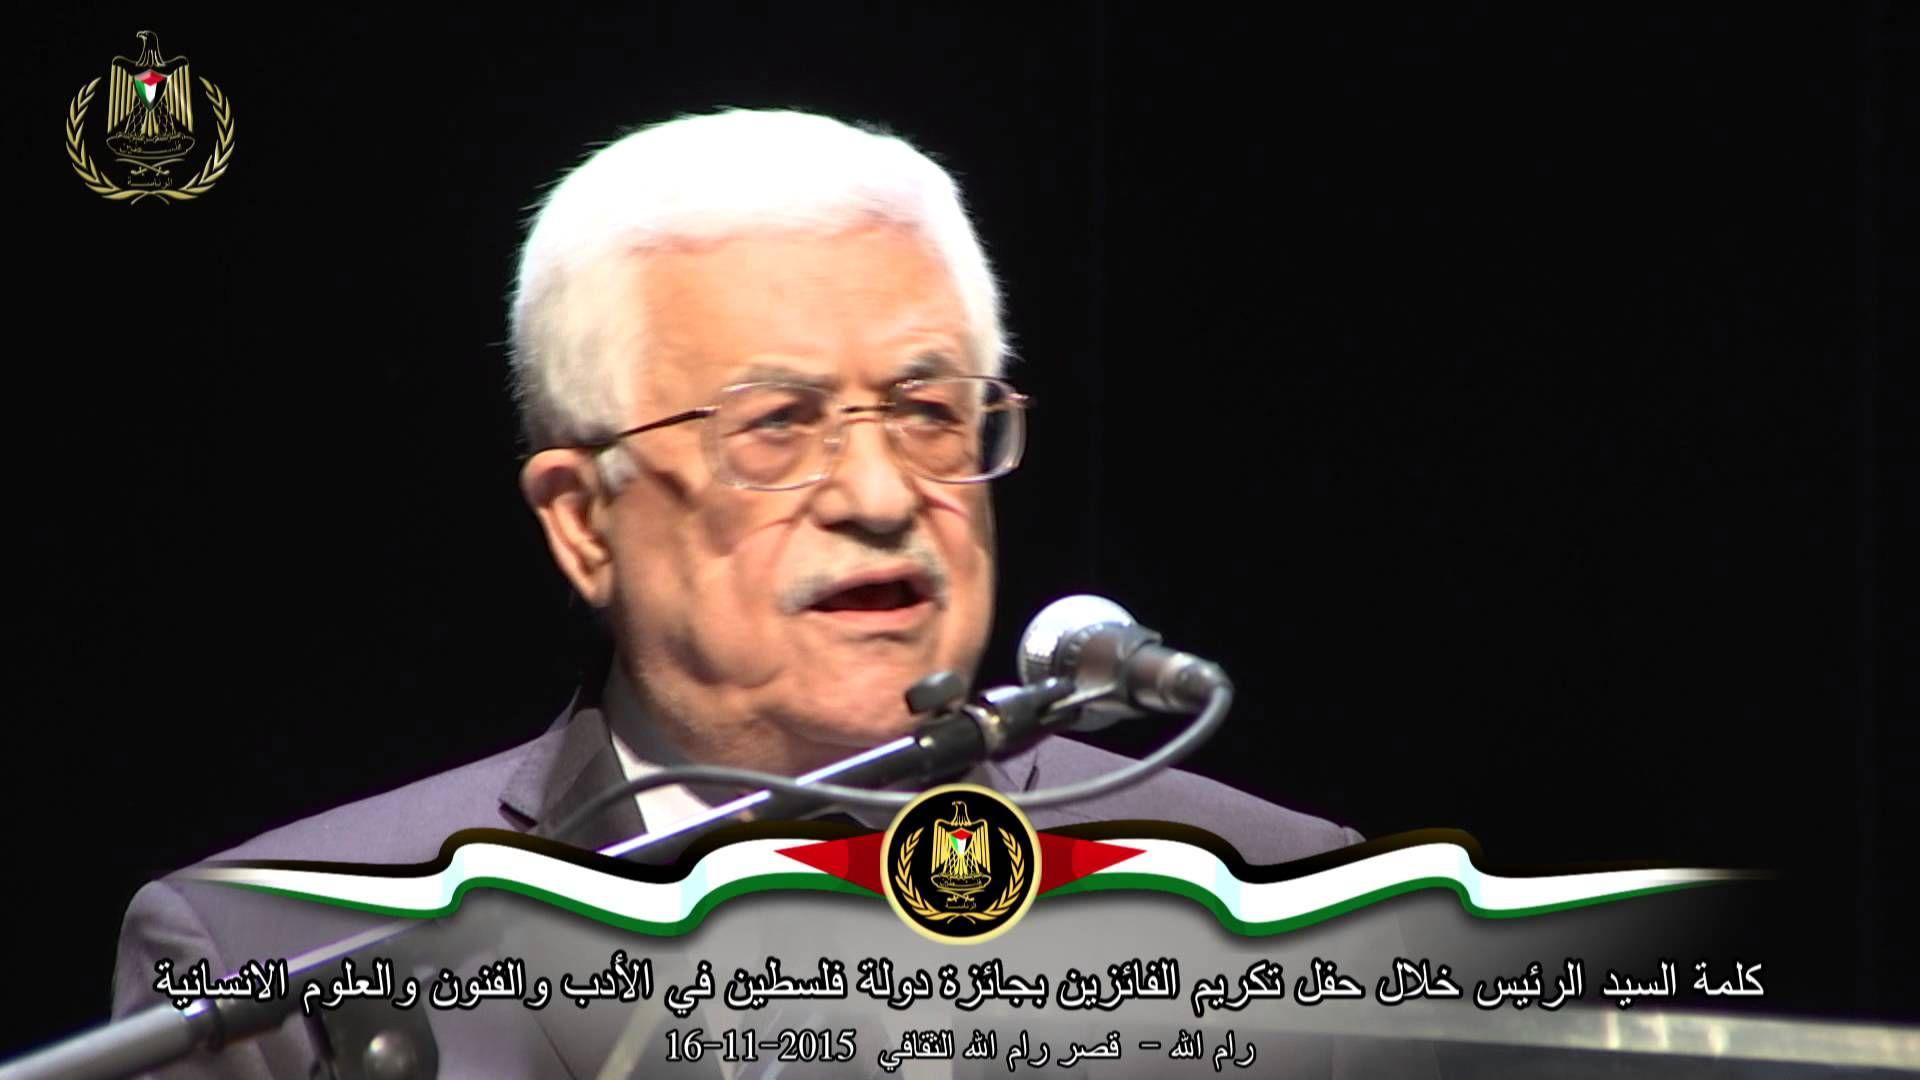 كلمة السيد الرئيس خلال حفل تكريم الفائزين بجائزة دولة فلسطين في الأدب والفنون والعلوم الانسانية Poster Art Movie Posters